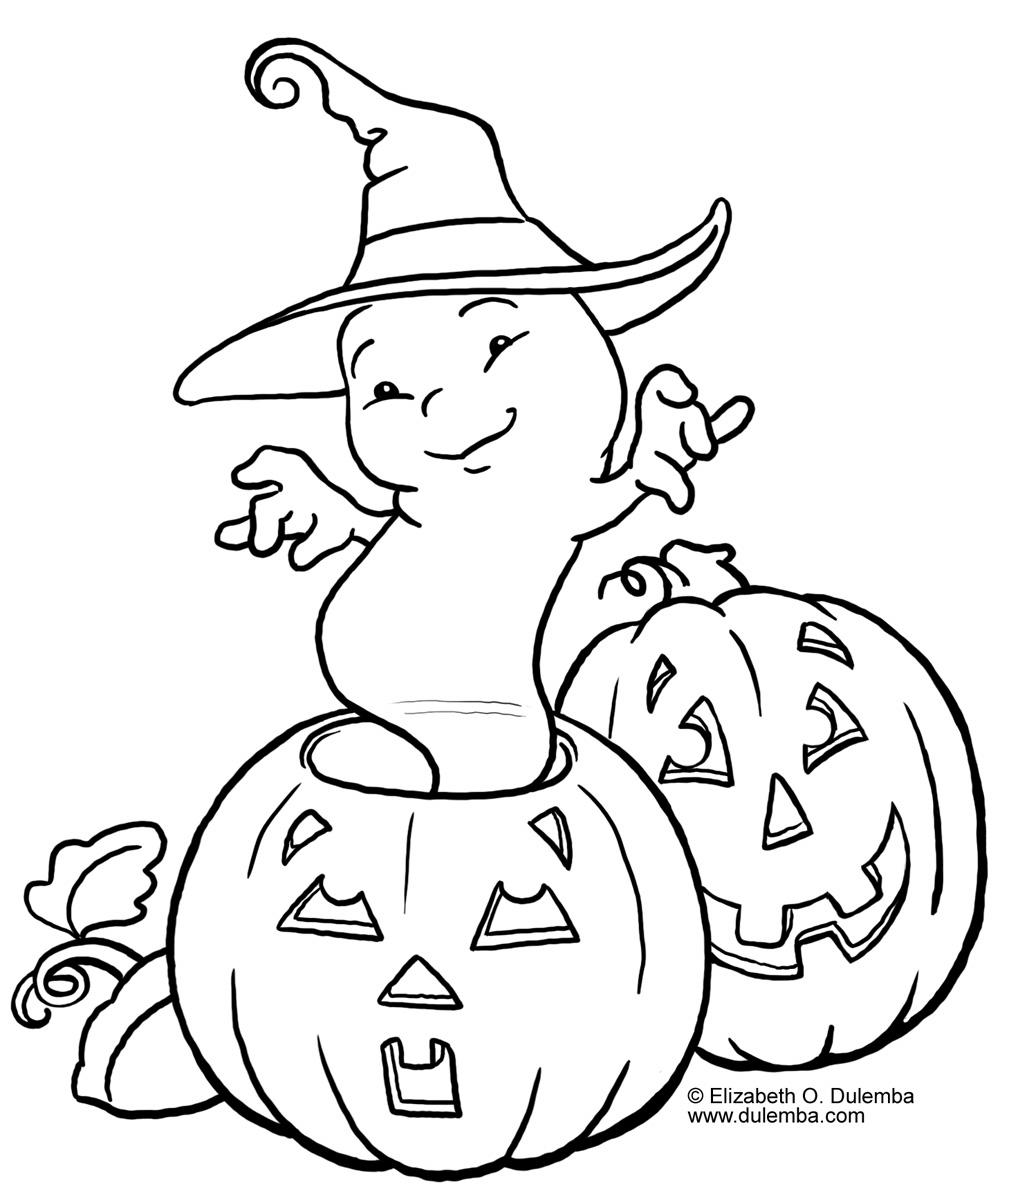 El Rincon De Delia Y Paula: Dibujos Para Colorear De Halloween